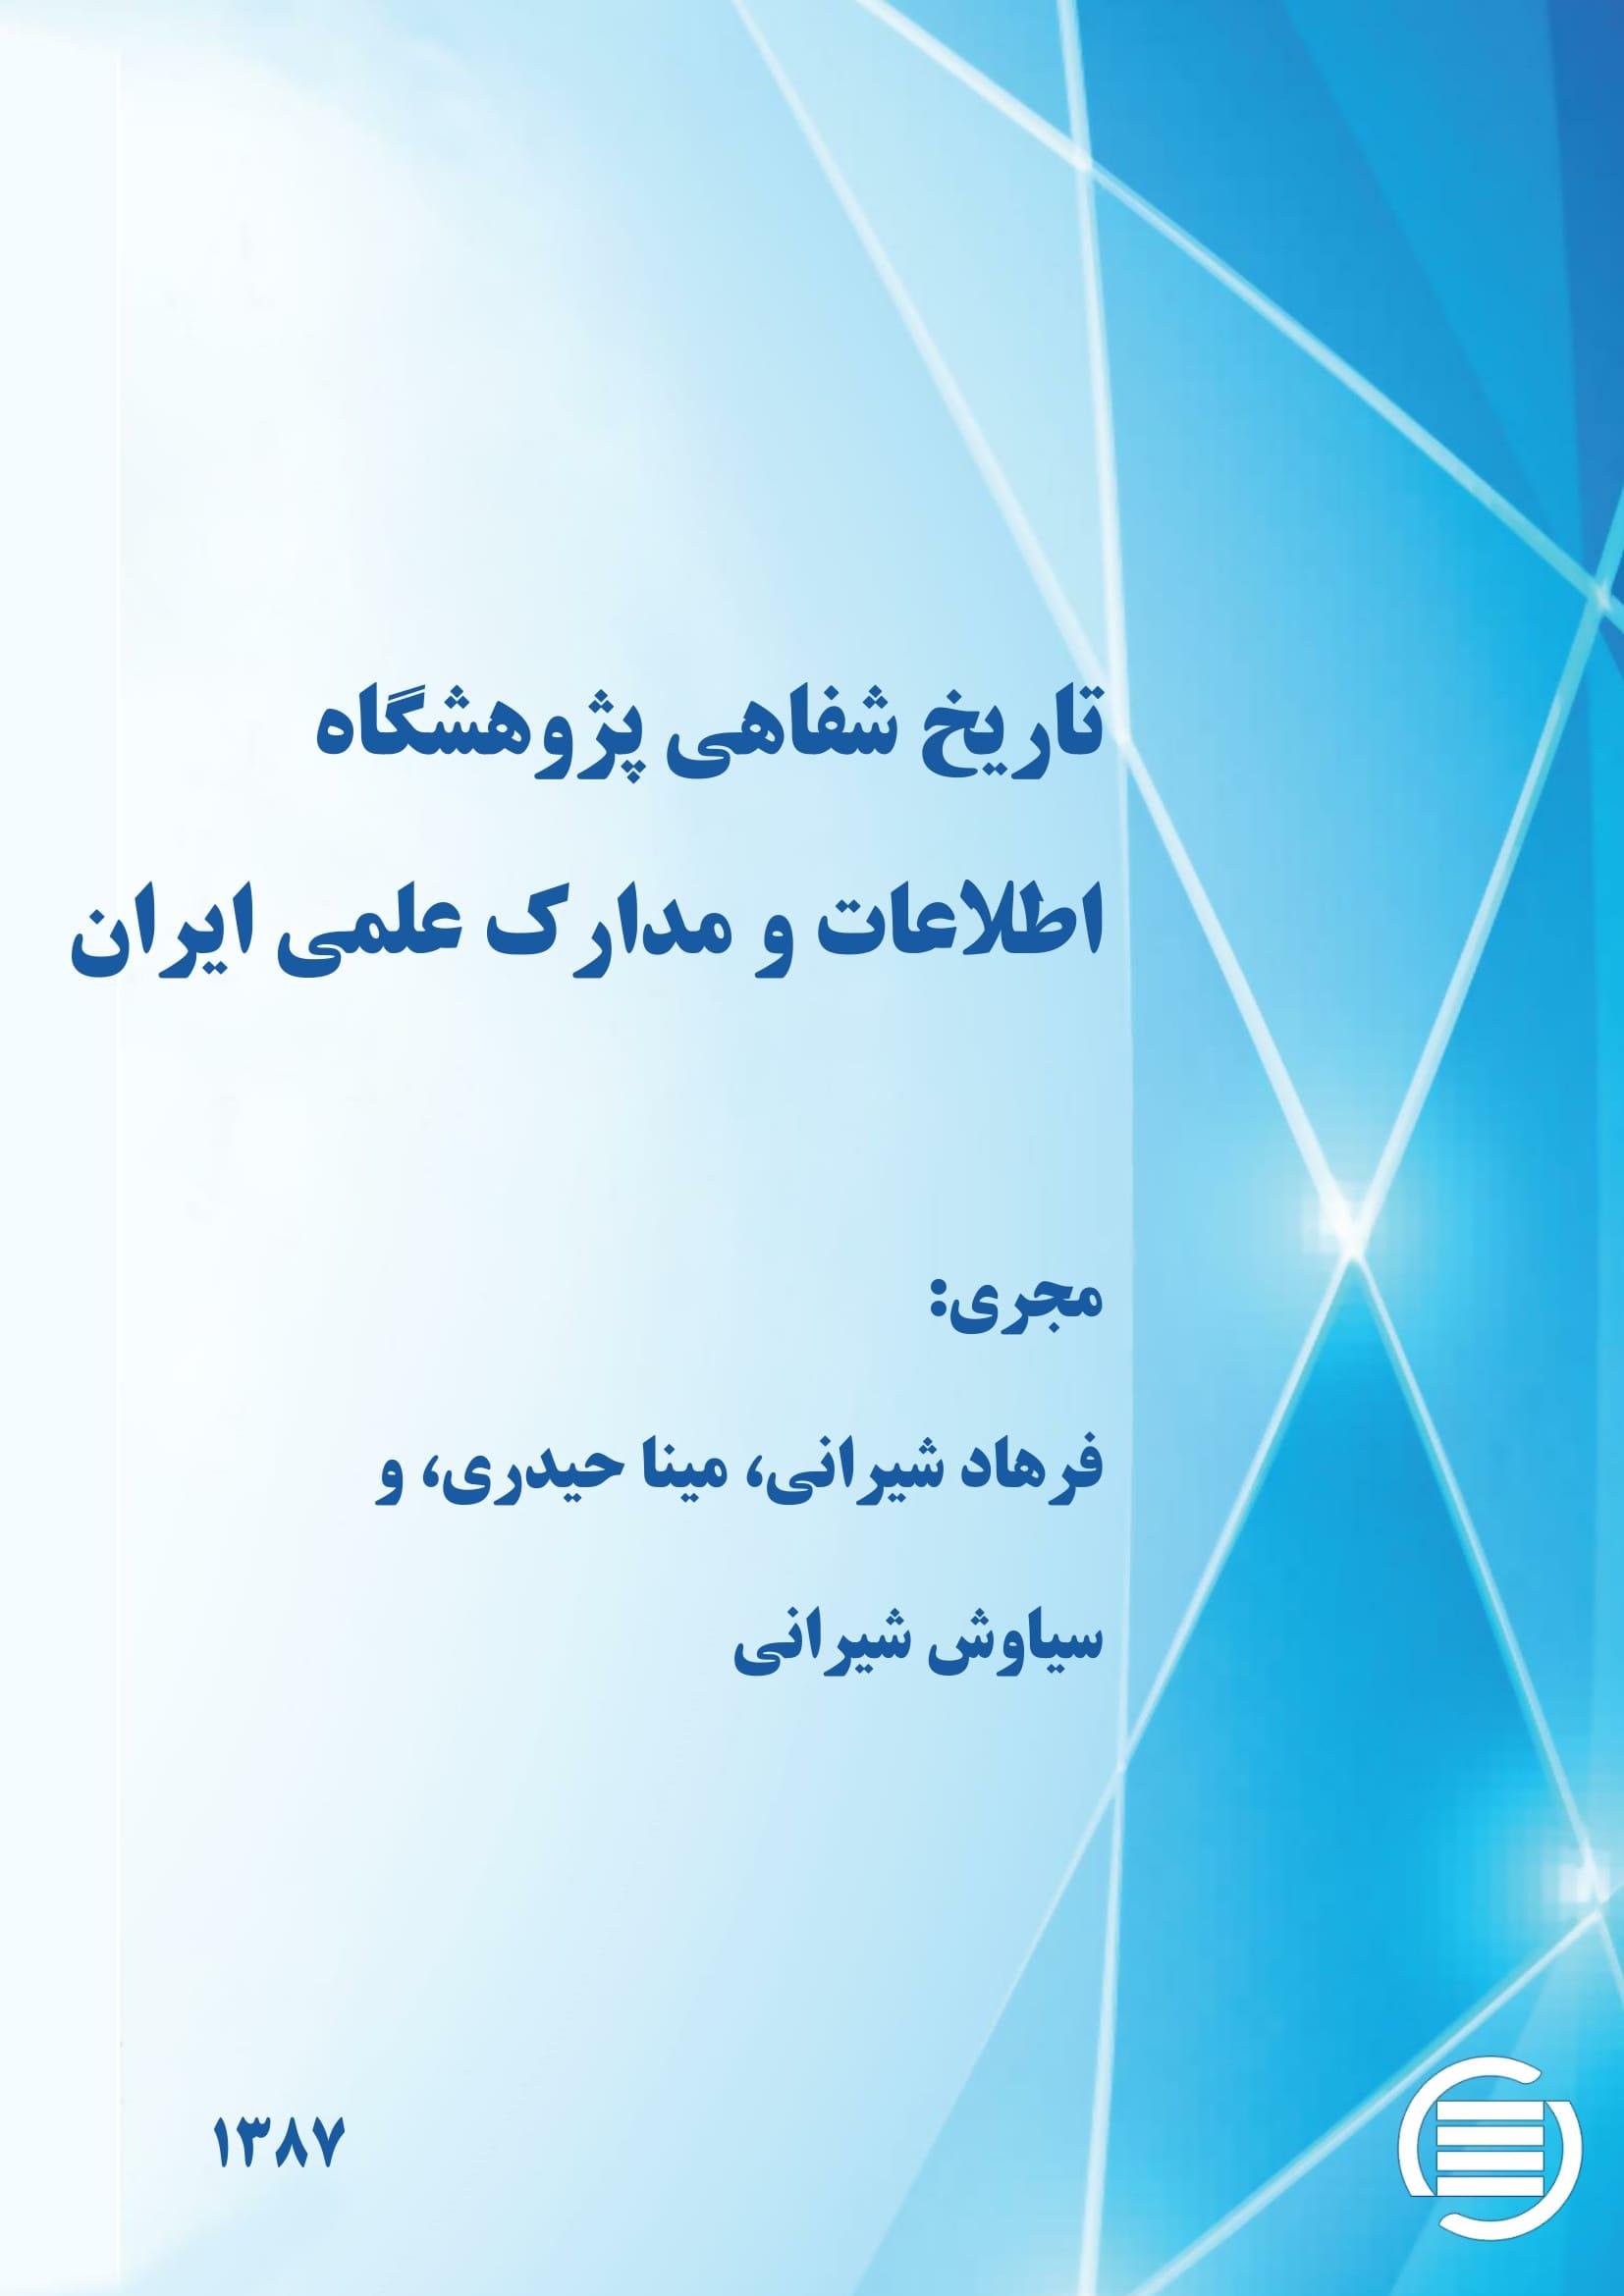 تاریخ شفاهی پژوهشگاه اطلاعات و مدارک علمی ایران